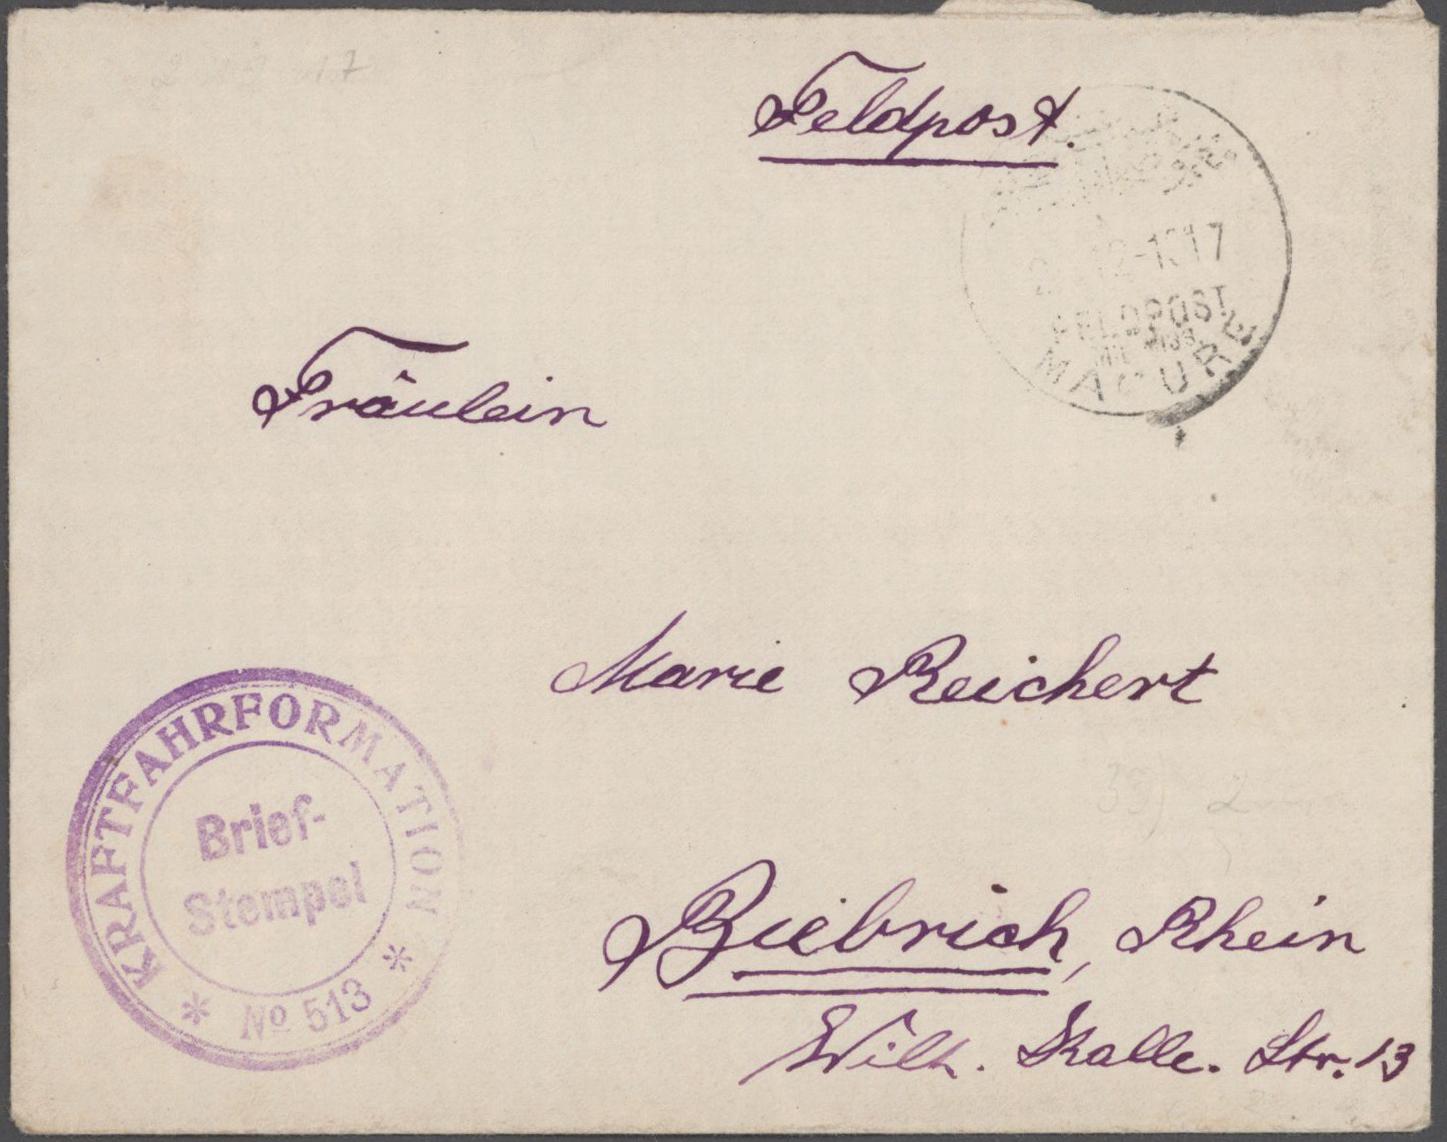 Lot 28131 - altdeutschland und deutsches reich  -  Auktionshaus Christoph Gärtner GmbH & Co. KG Sale #46 Gollcetions Germany - including the suplement